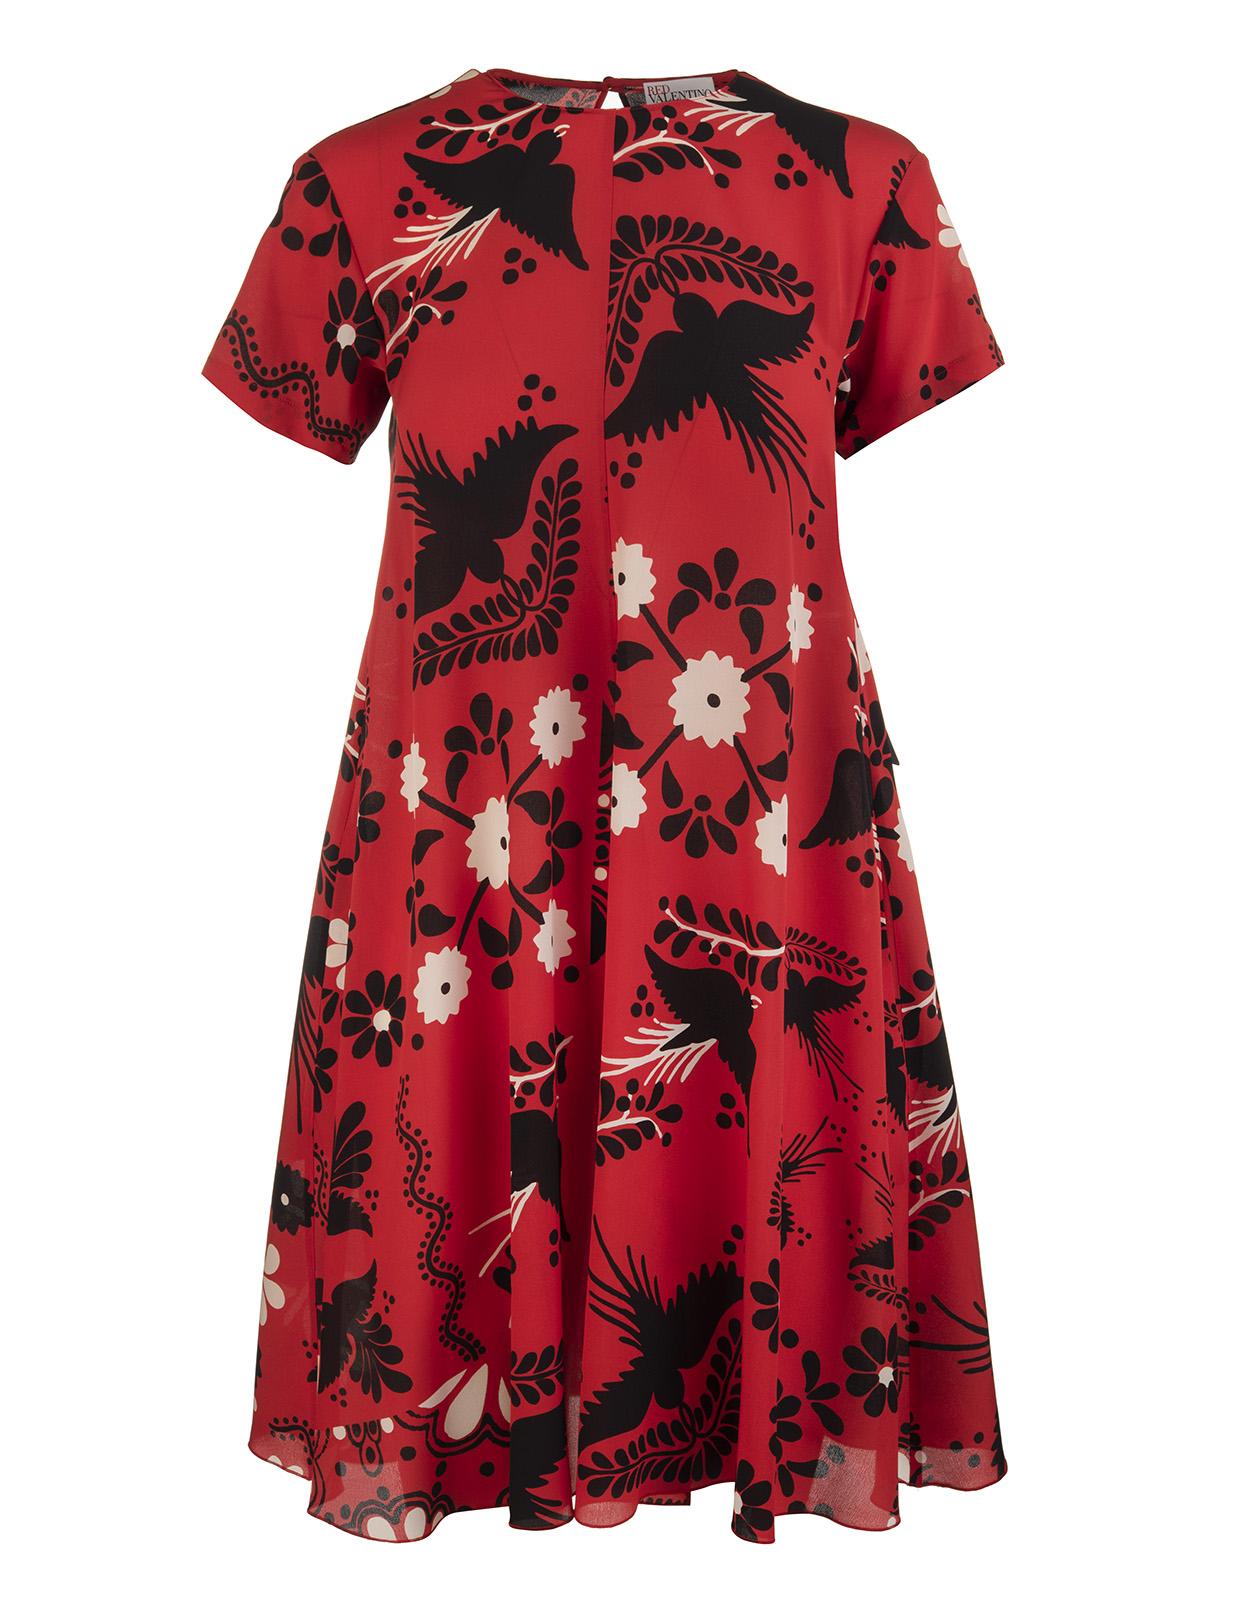 4dcb2dcc14e  Terrazzo Decorato  Print Midi Dress - RED VALENTINO - Russocapri